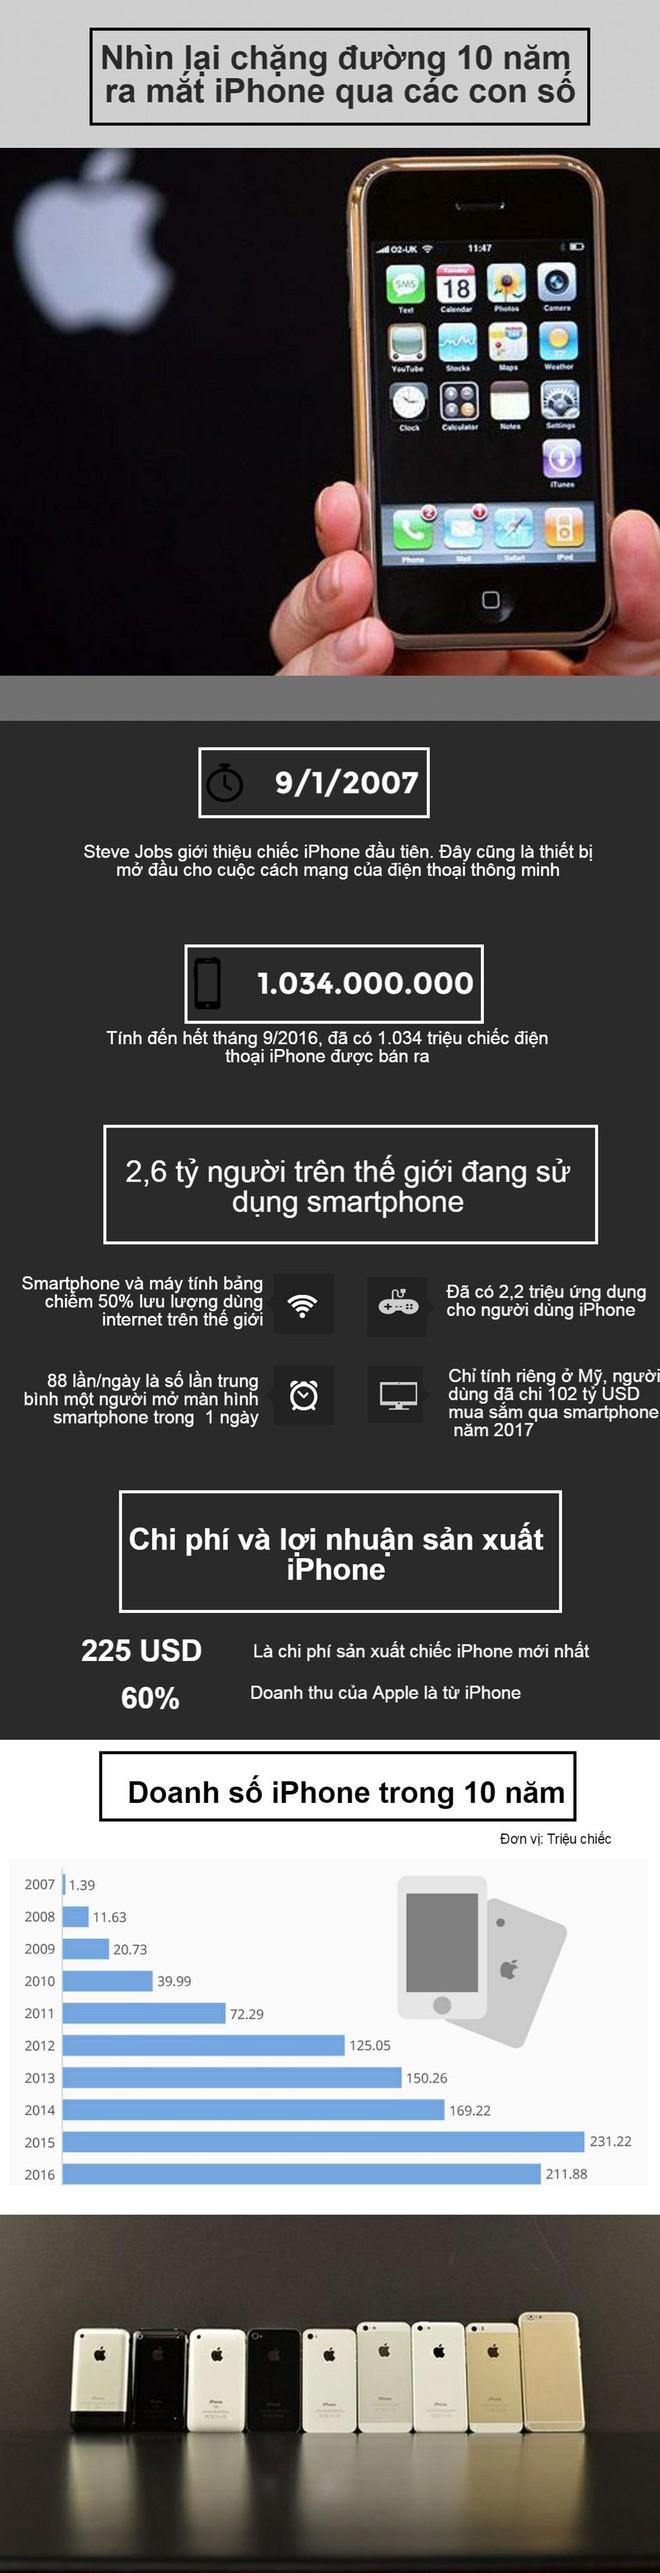 [Infographic] iPhone 10 tuổi và các con số đáng chú ý - Ảnh 1.